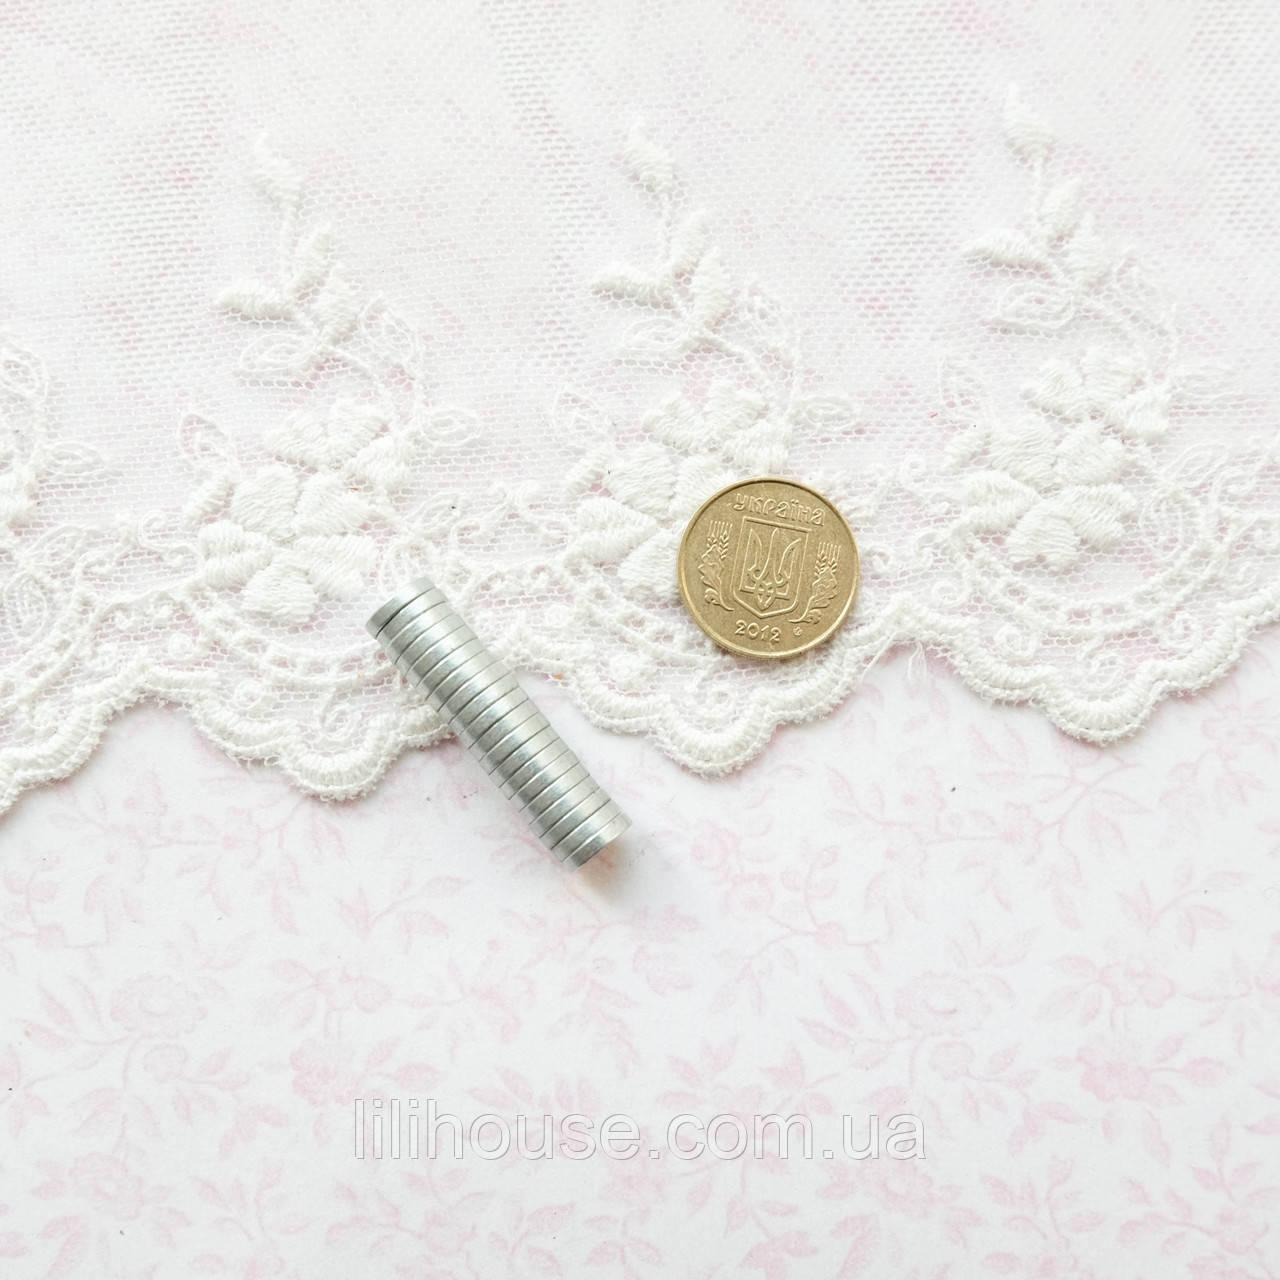 Магнит Мини 7*1.5 мм пара